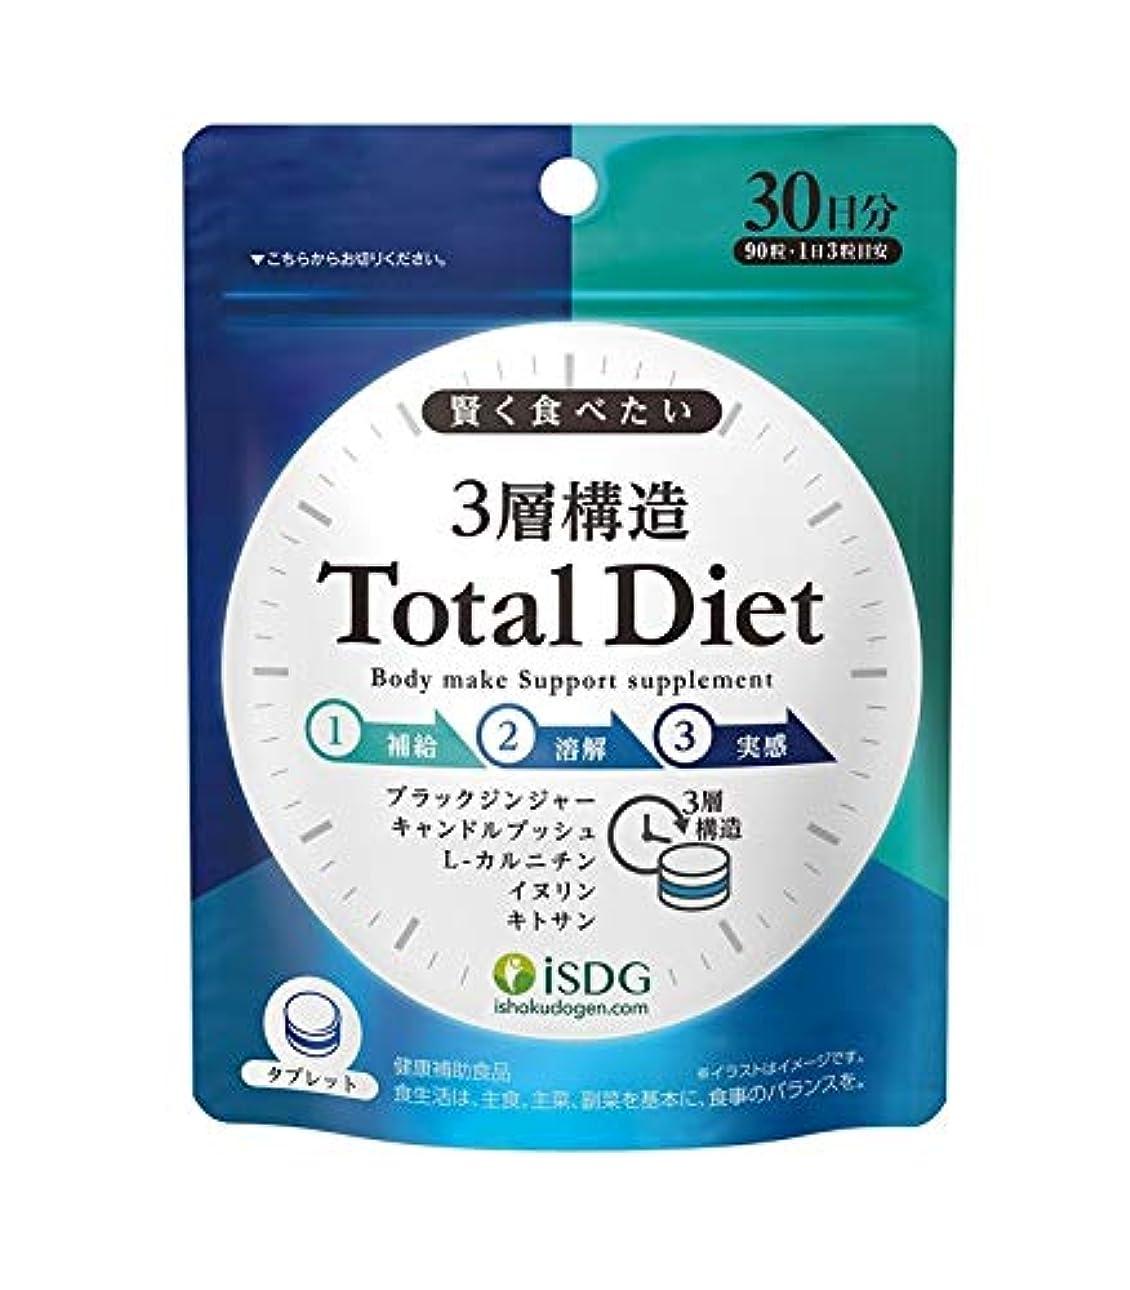 ペアいとこスポーツマン医食同源 3層構造Total Diet 90粒